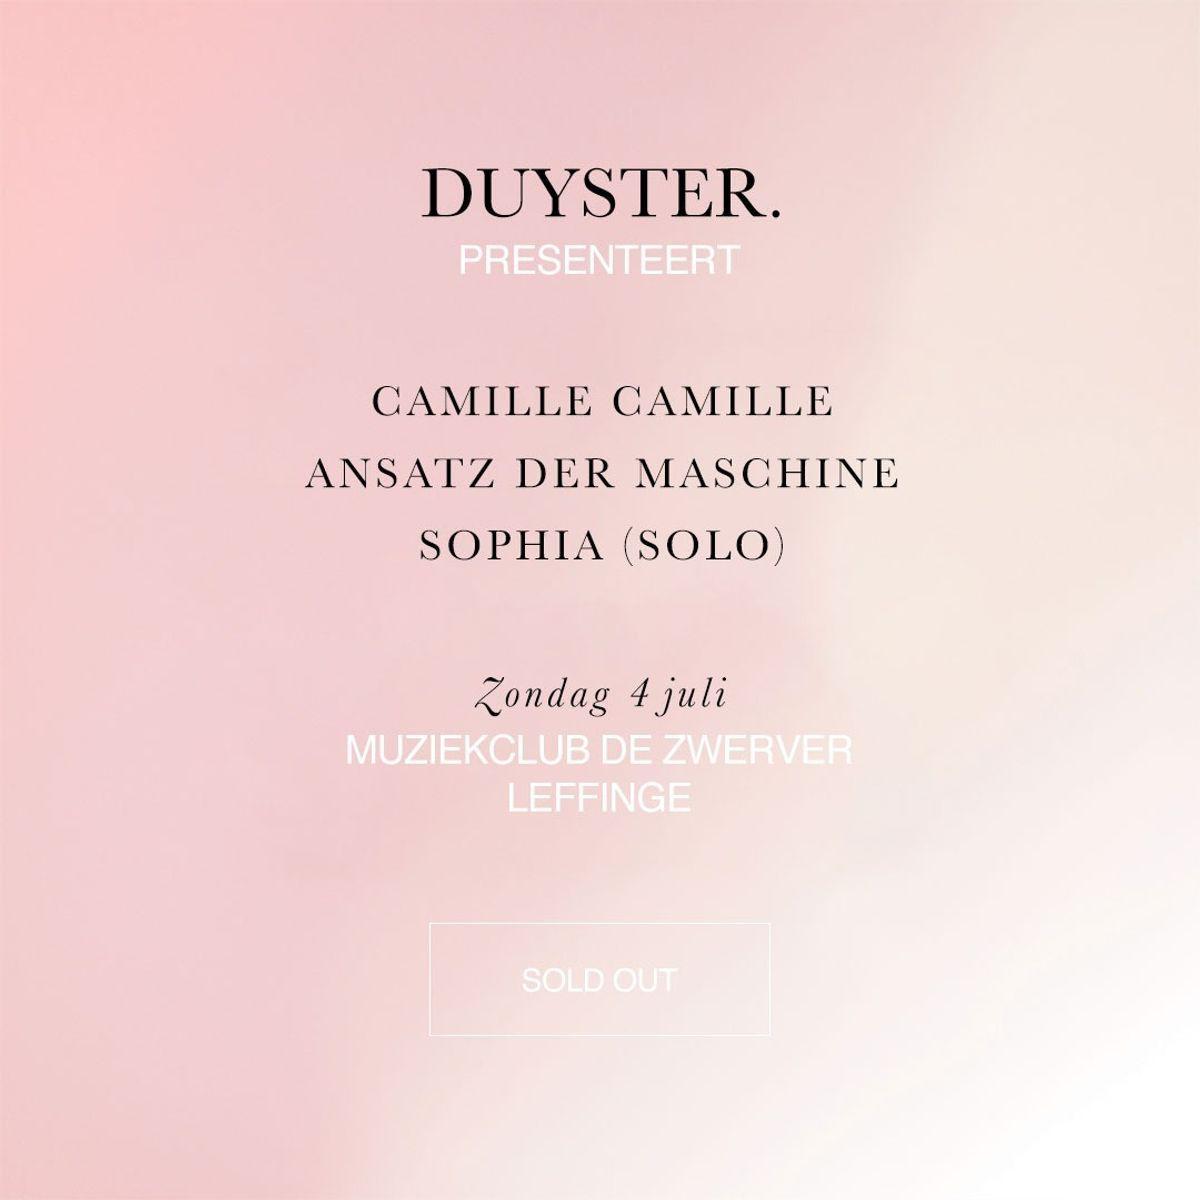 Duyster presenteert Sophia (solo) en meer - De wereld is om zeep, zei hij lachend